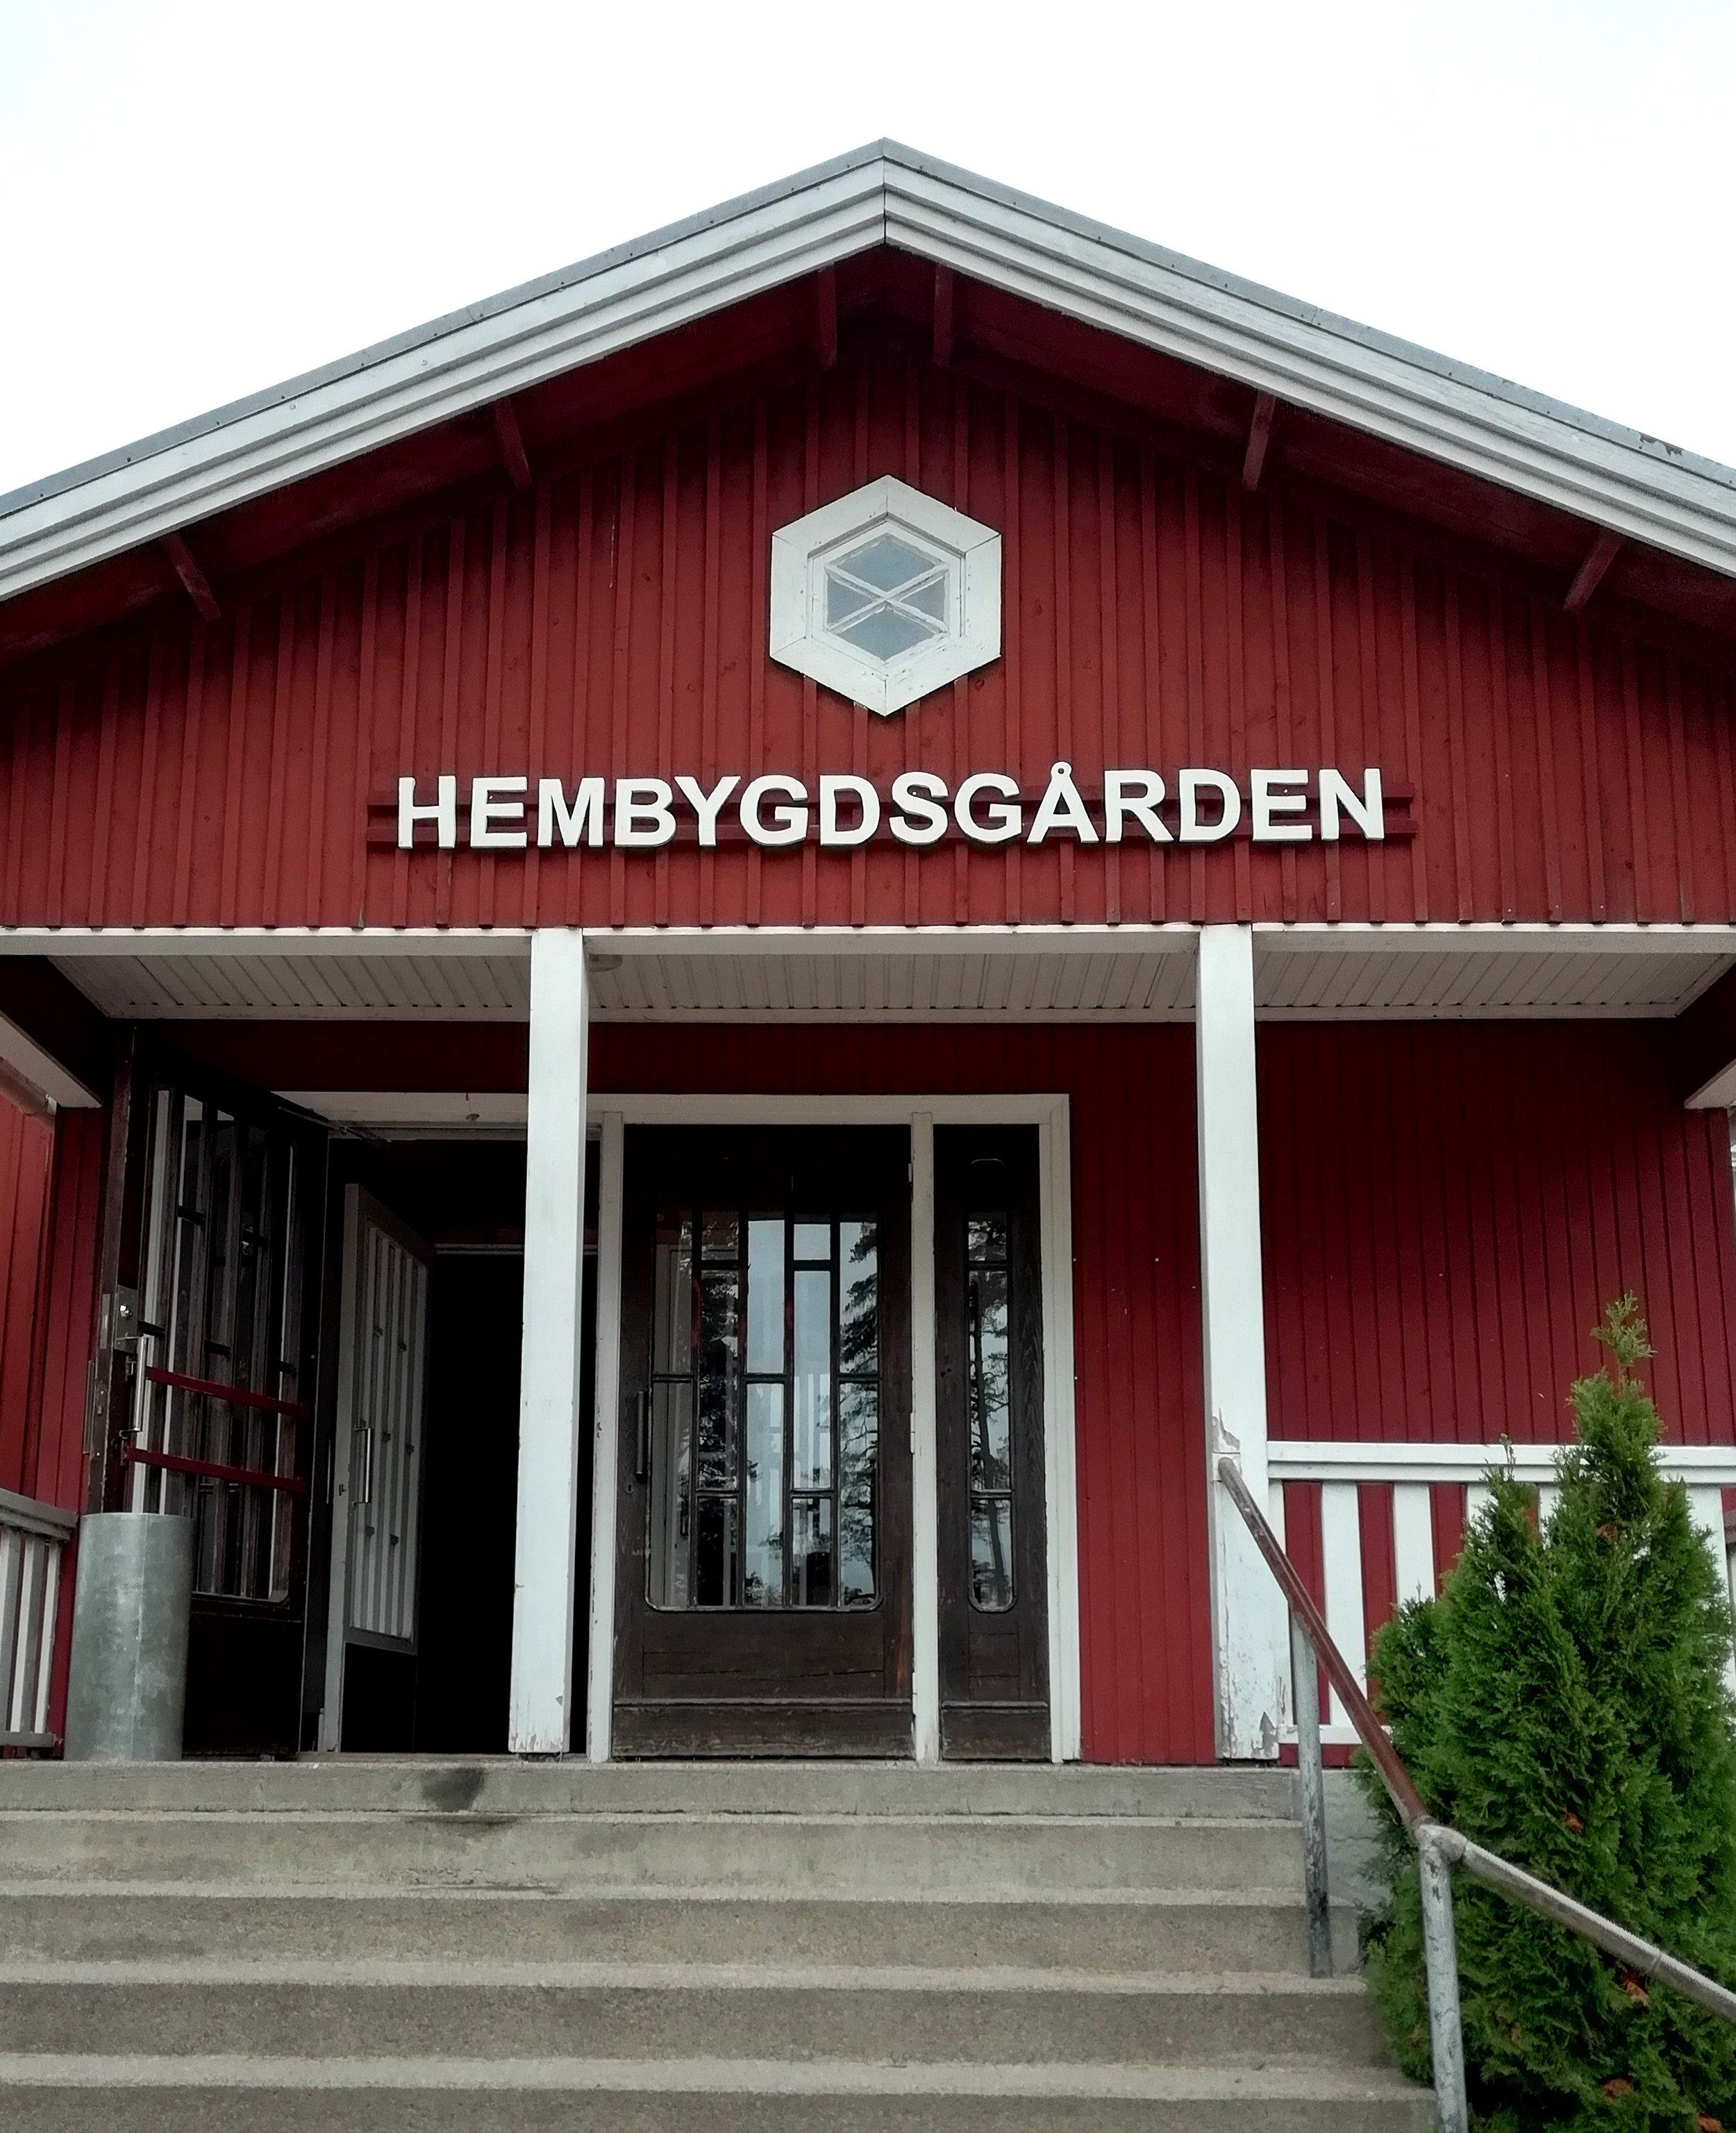 Hembygds-gården - Tunnelmallinen juhlatila vuokrattavissa Inkoossa. Tilat jaettavissa joko pienempiä juhlia varten tai mahdollisuus avata yhdeksi isoksi tilaksi, jolloin vieraita mahtuu jopa 200. Kysy lisää:  tarjoiluapu@gmail.com